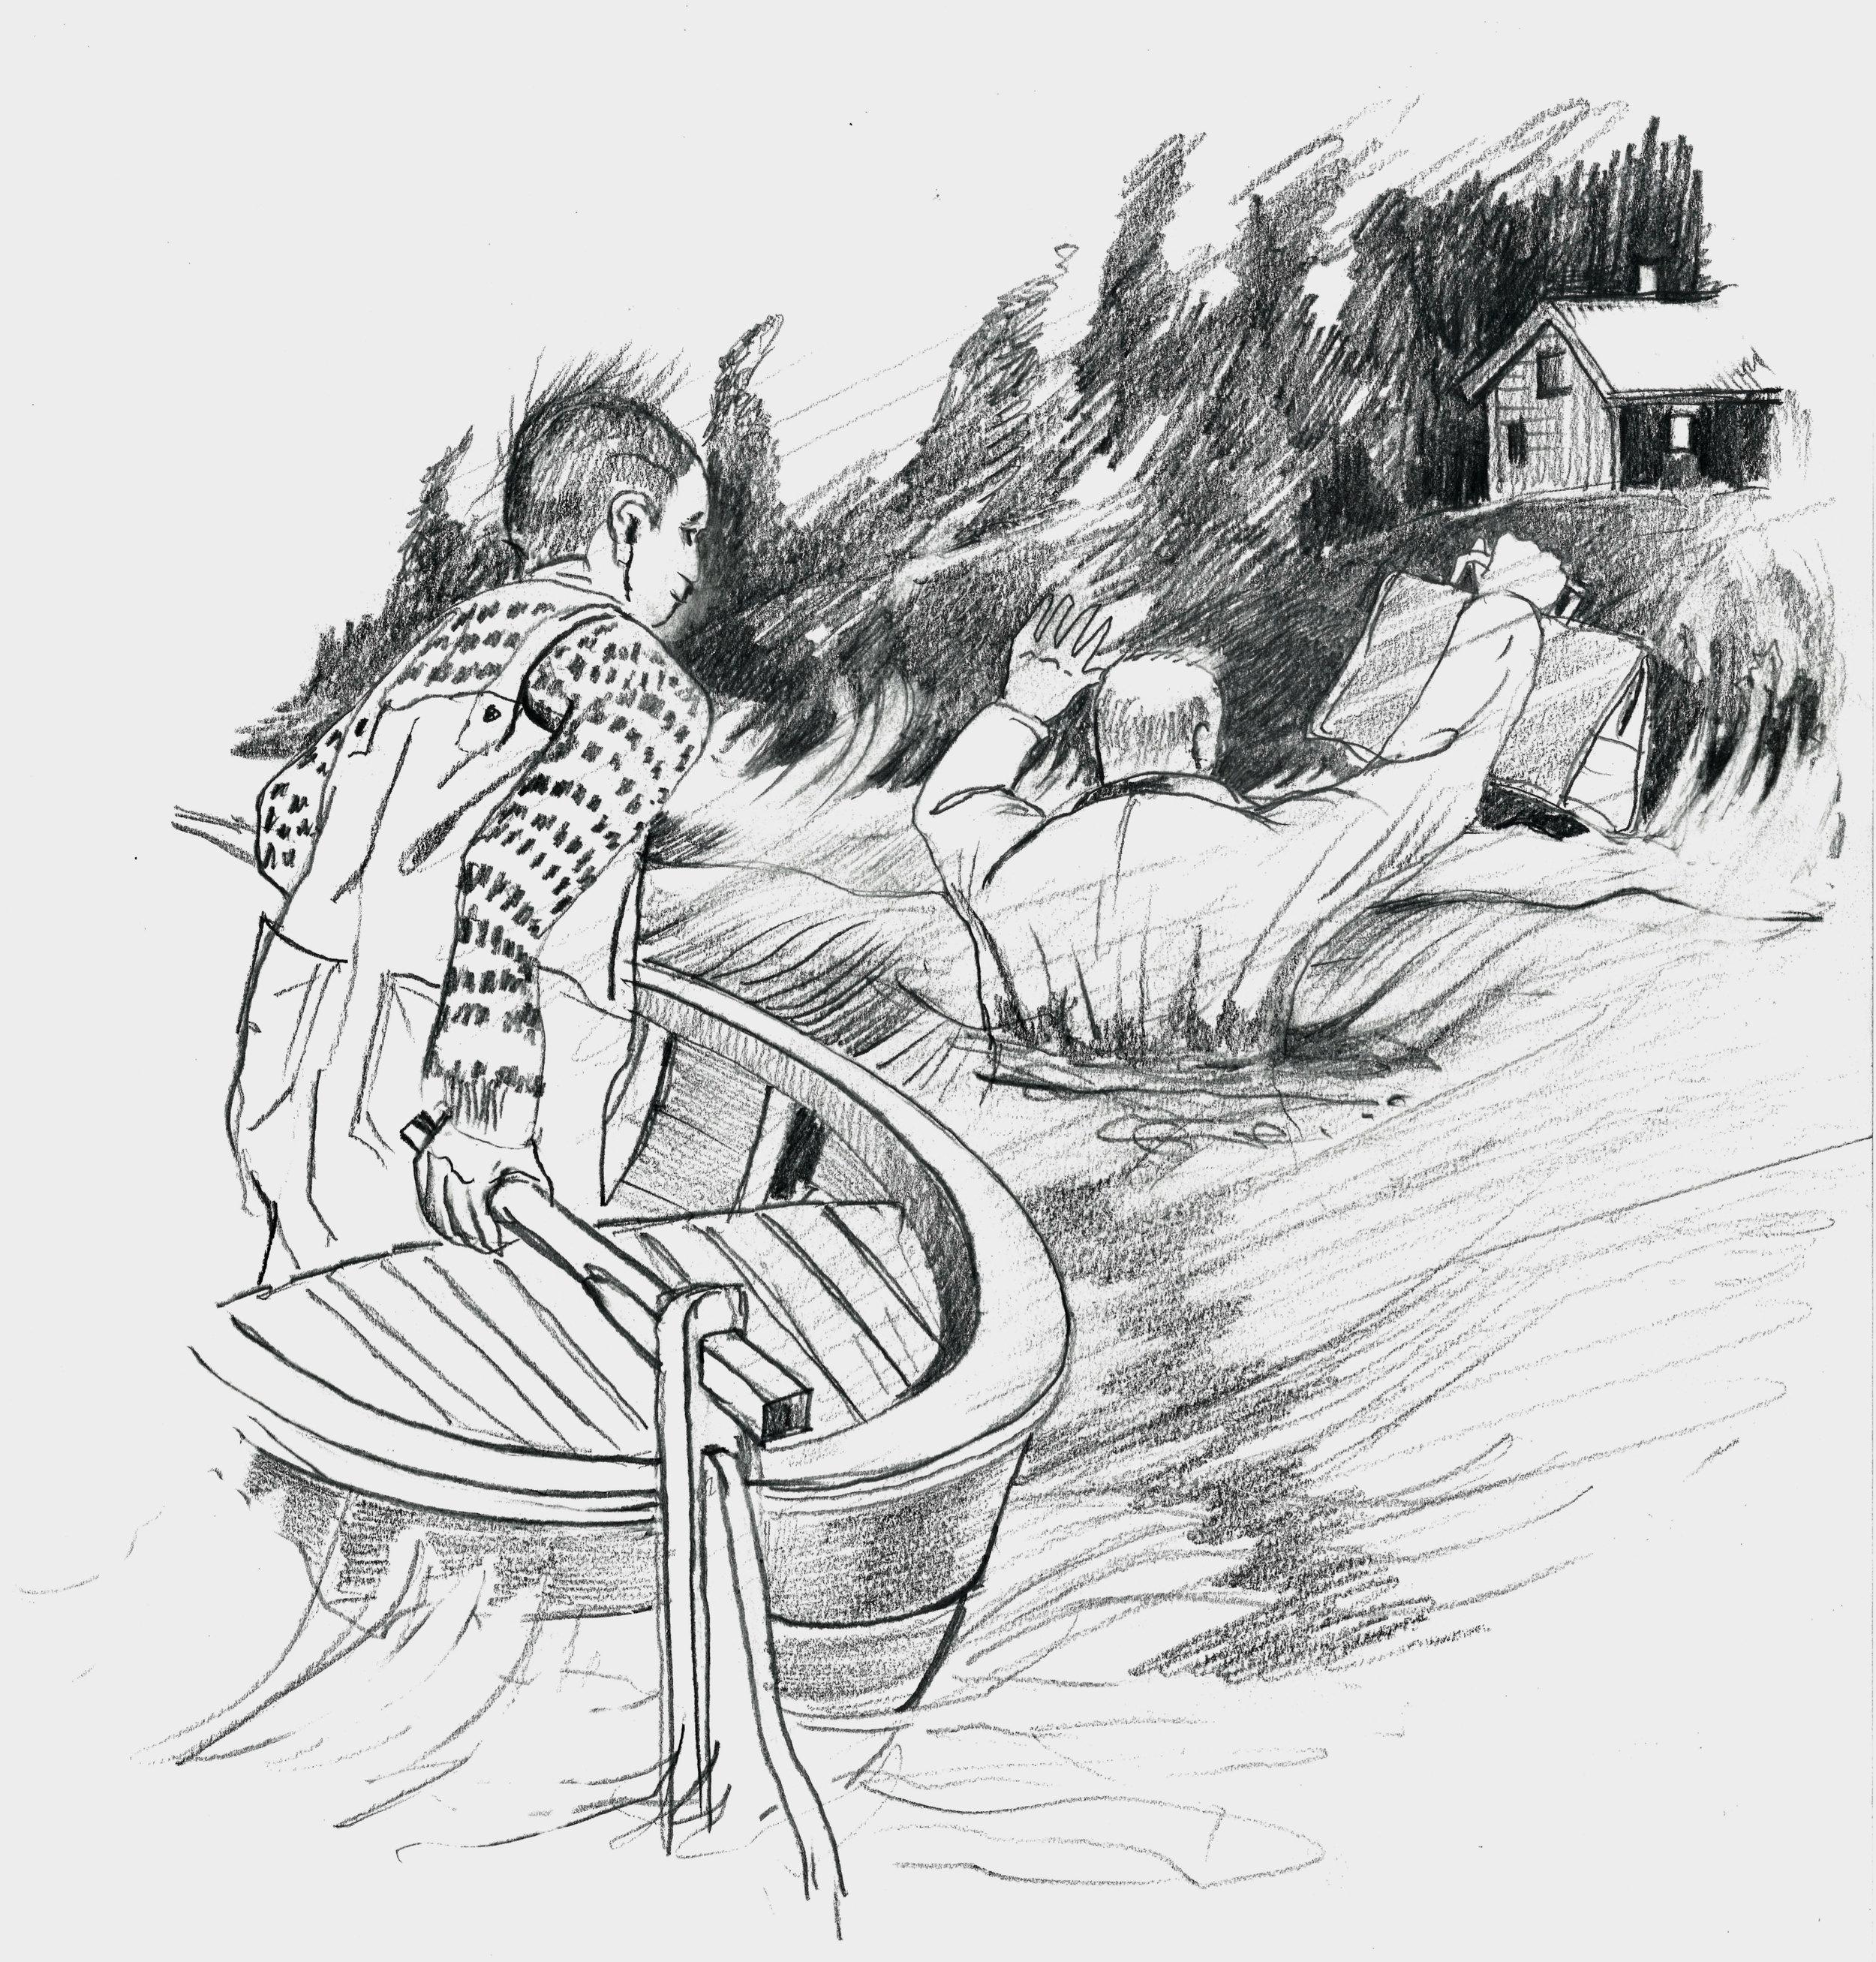 Dokter Haugen hoppa på sjøen og vassa i land fleire gonger då han var ute på sjukebesøk. (Teikning: Ole Bjarte Røssland).